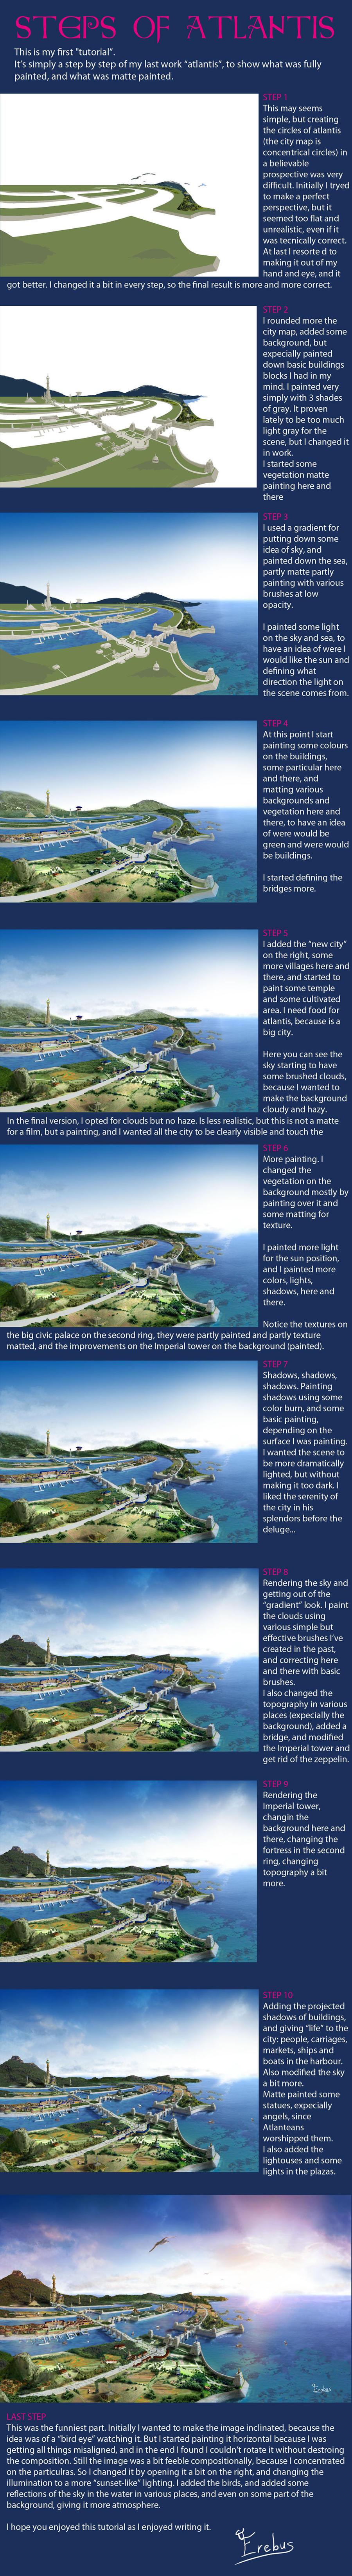 Steps of Atlantis - making of